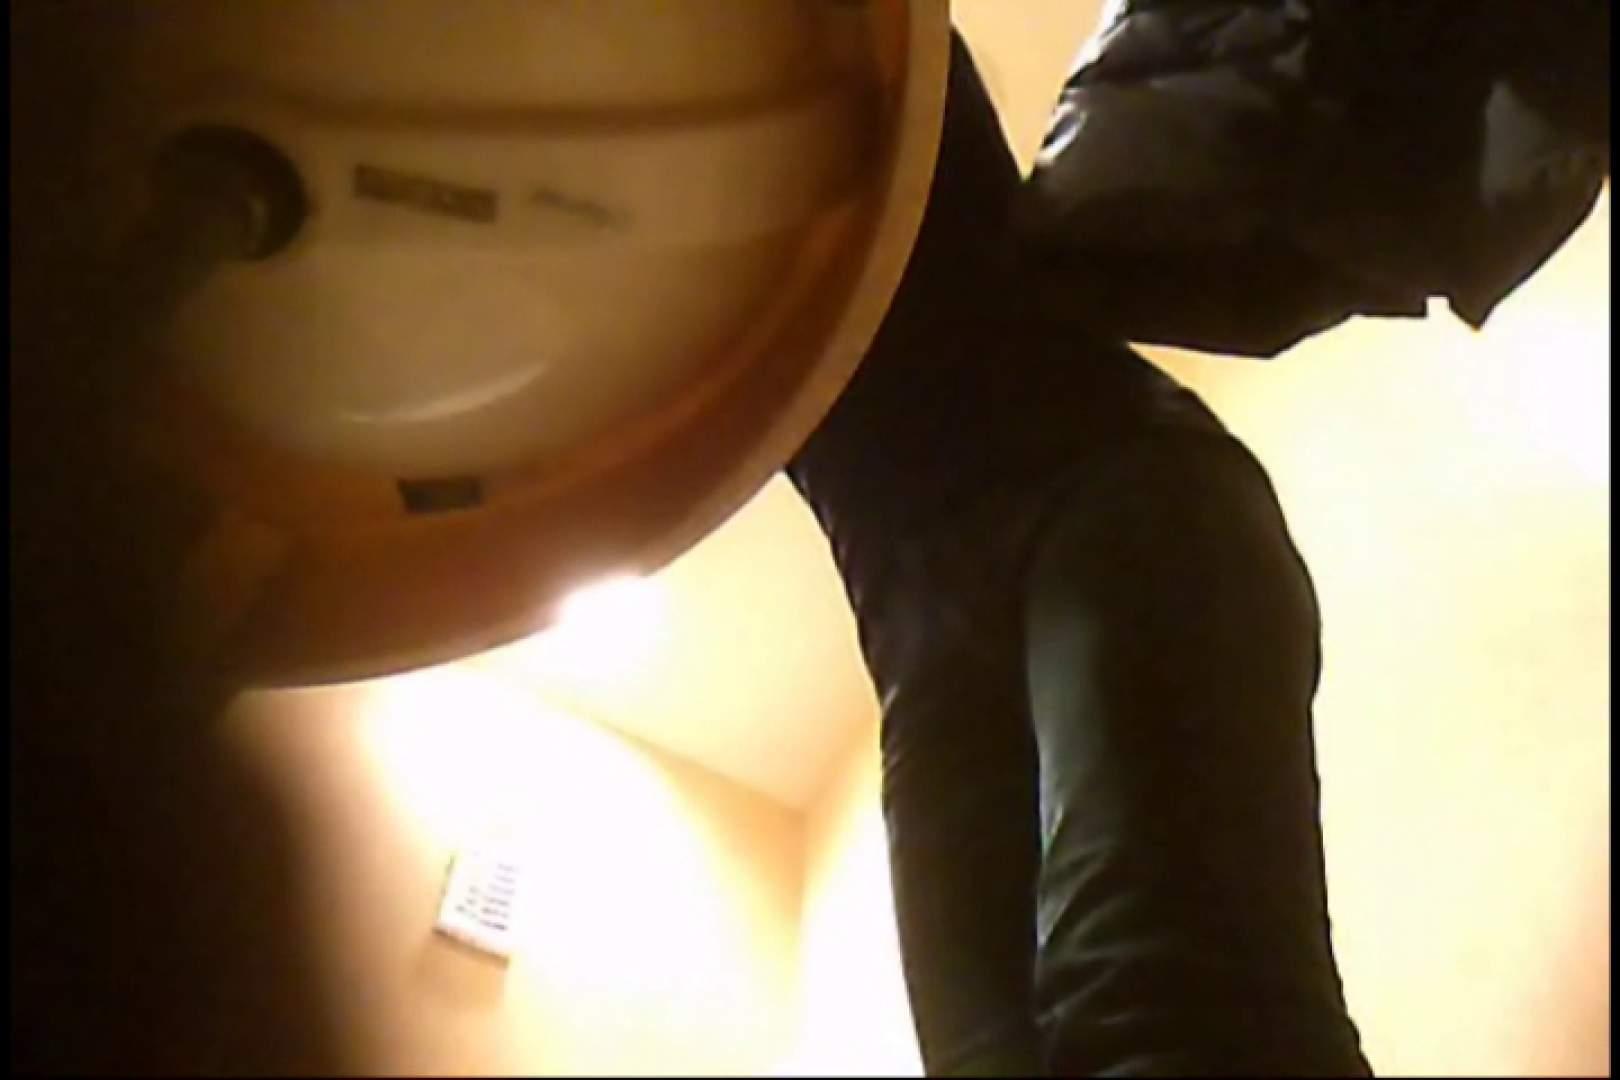 潜入!!女子化粧室盗撮~絶対見られたくない時間~vo,3 エロくん潜入 ワレメ動画紹介 96連発 82